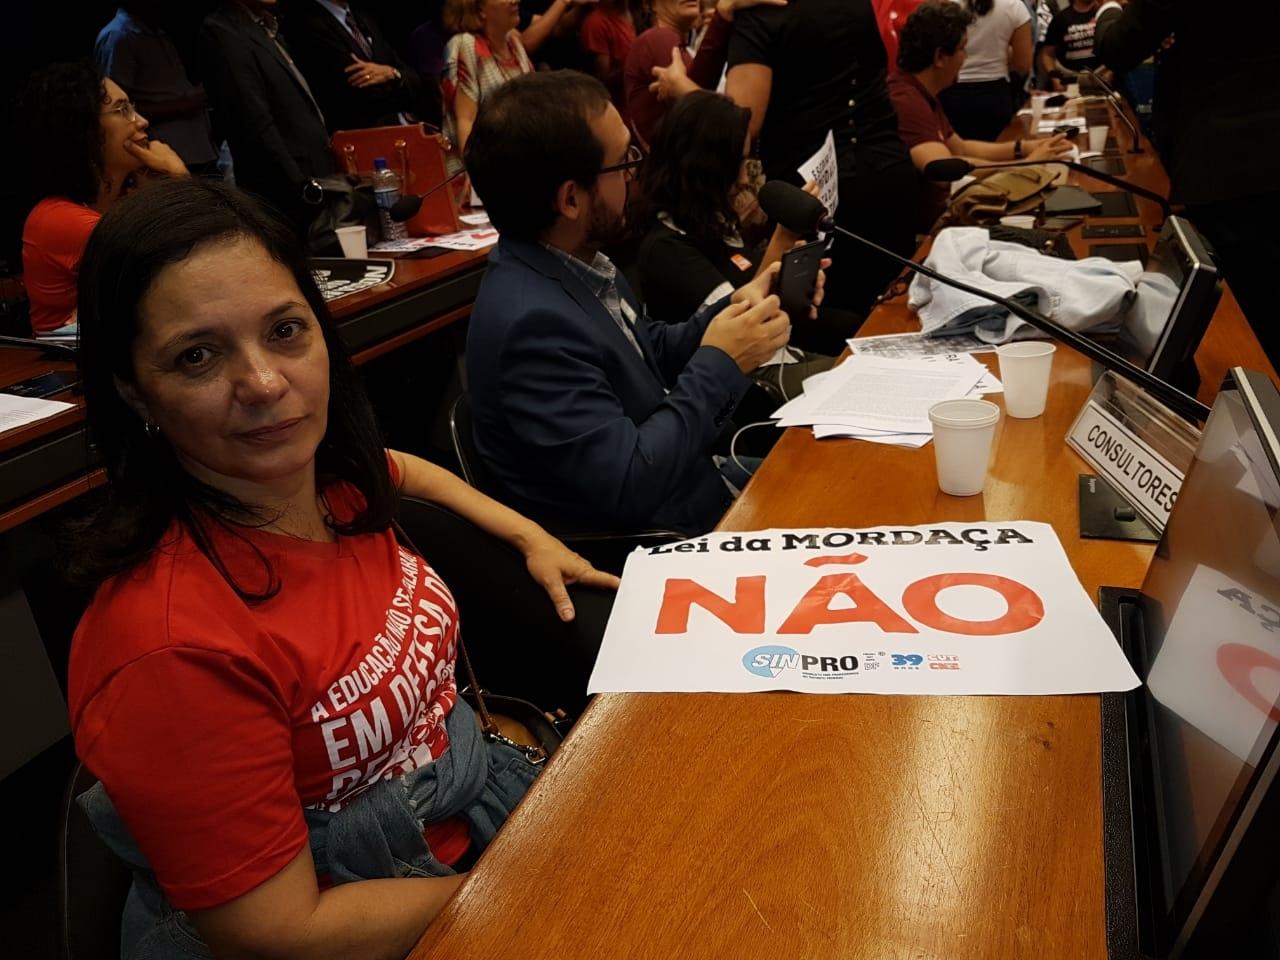 Fotos Lei da Mordaça Votacao (29)